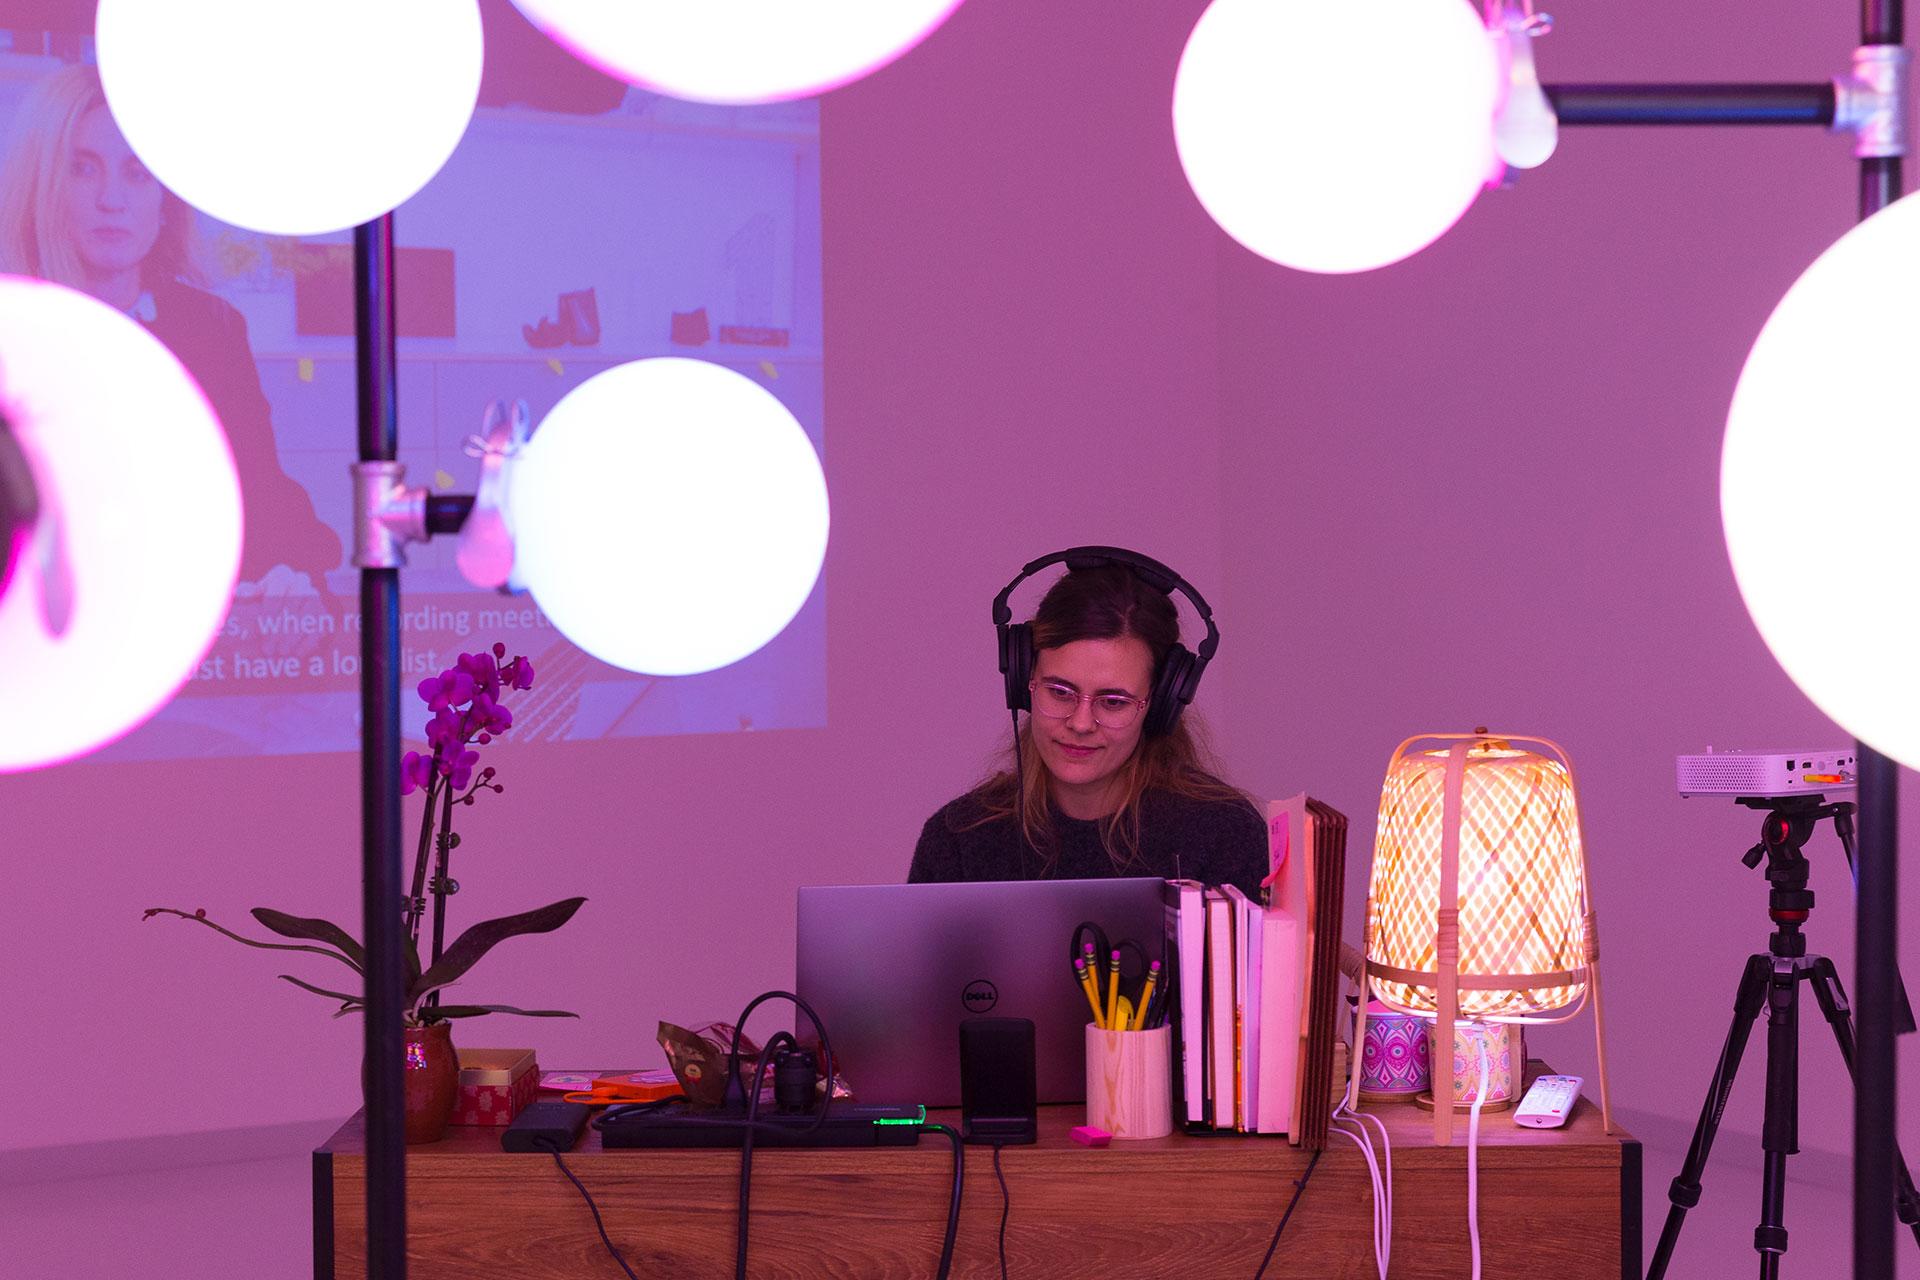 Kvinne med hodetelefoner, ser på en datamaskin bak rosa lys på stativer